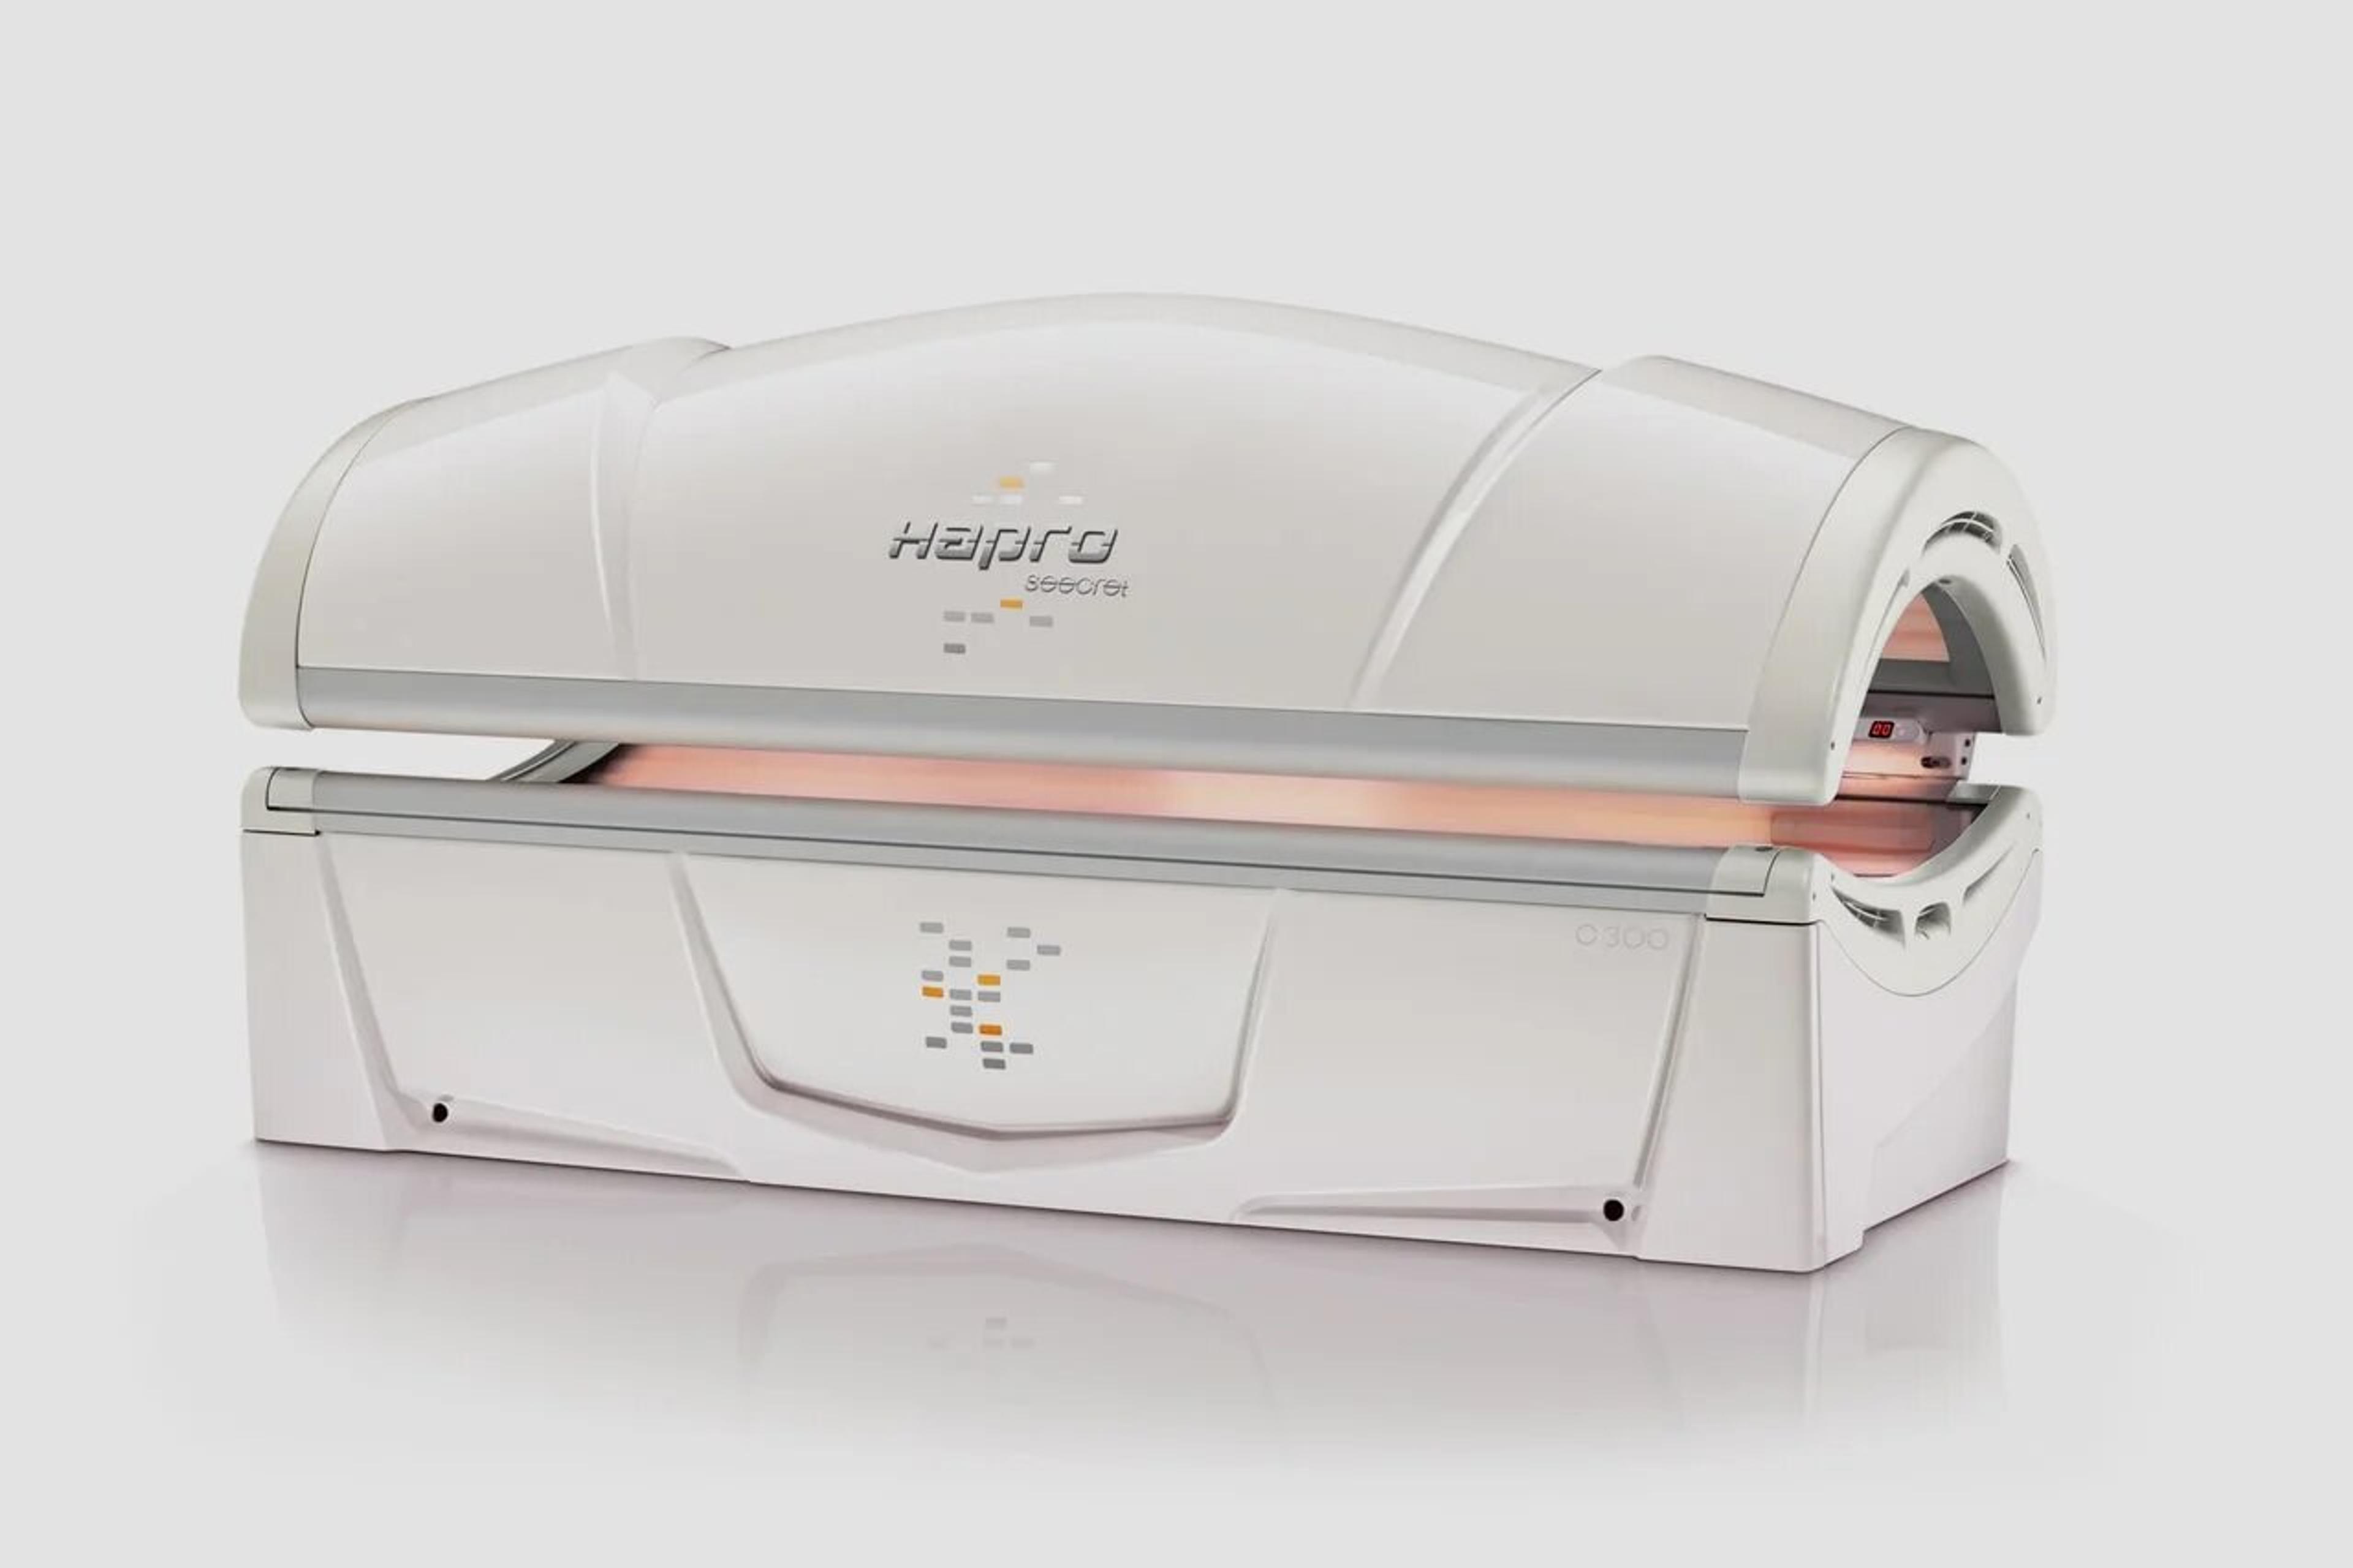 Hapro Seecret Collagen Bed